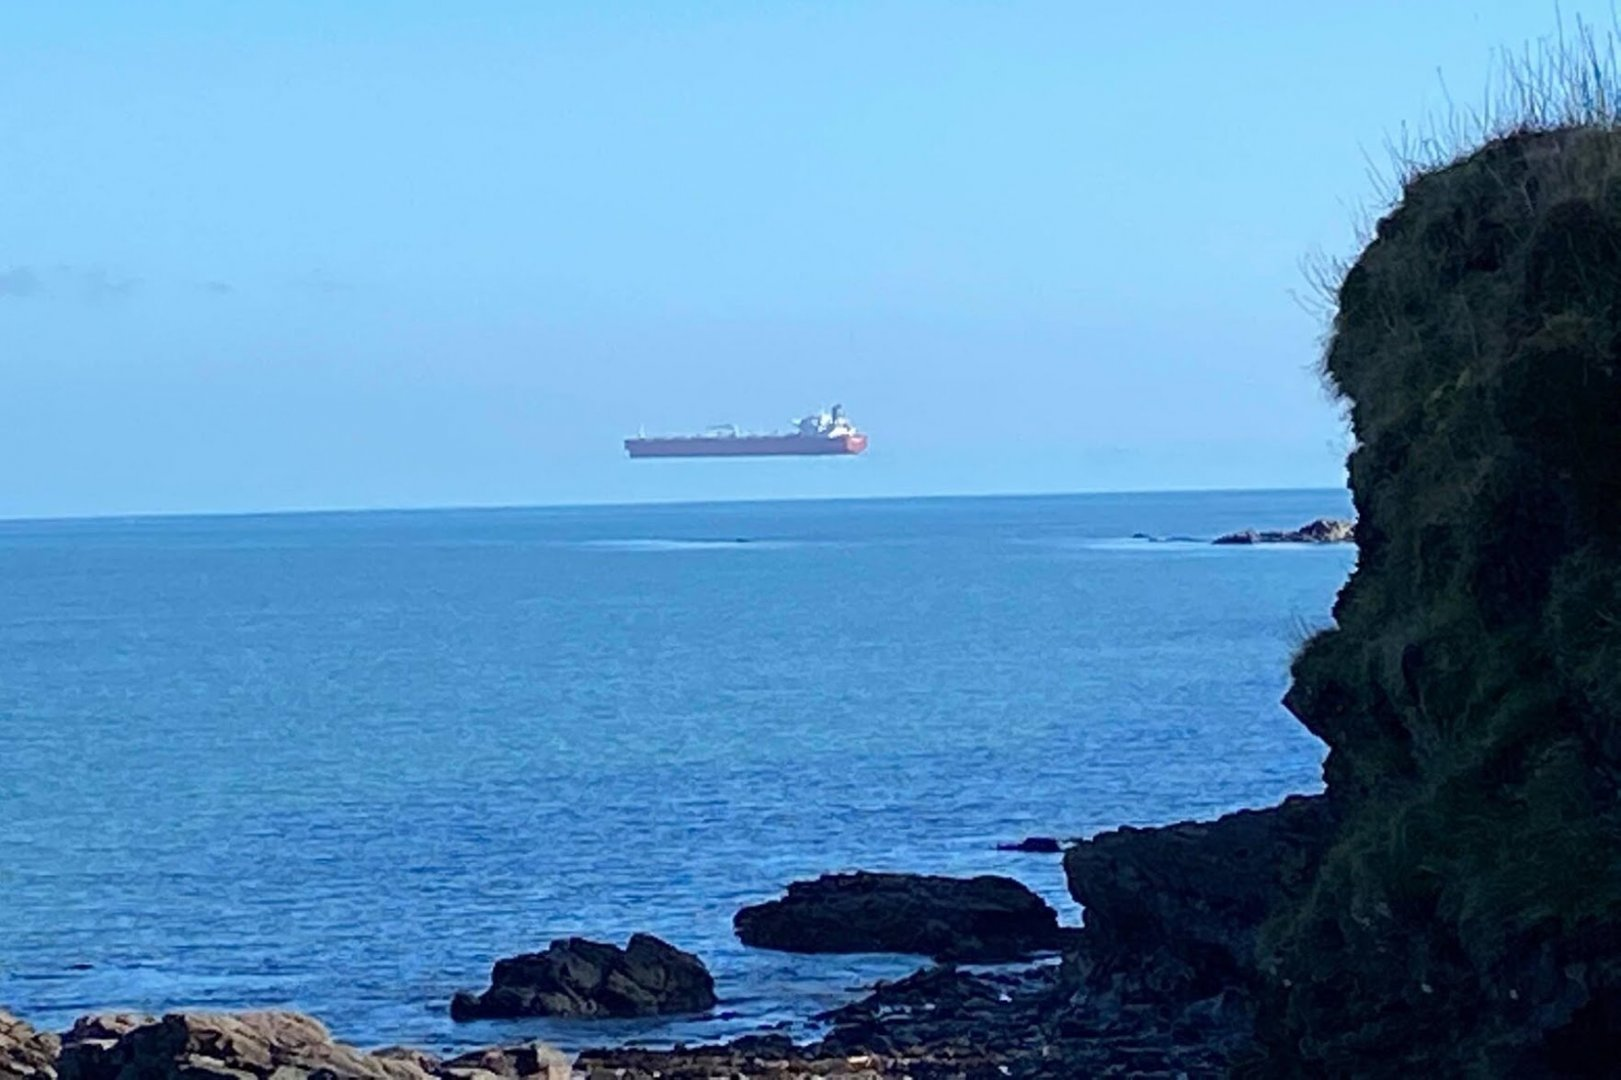 06ship-mirage-mobileMasterAt3x.jpg